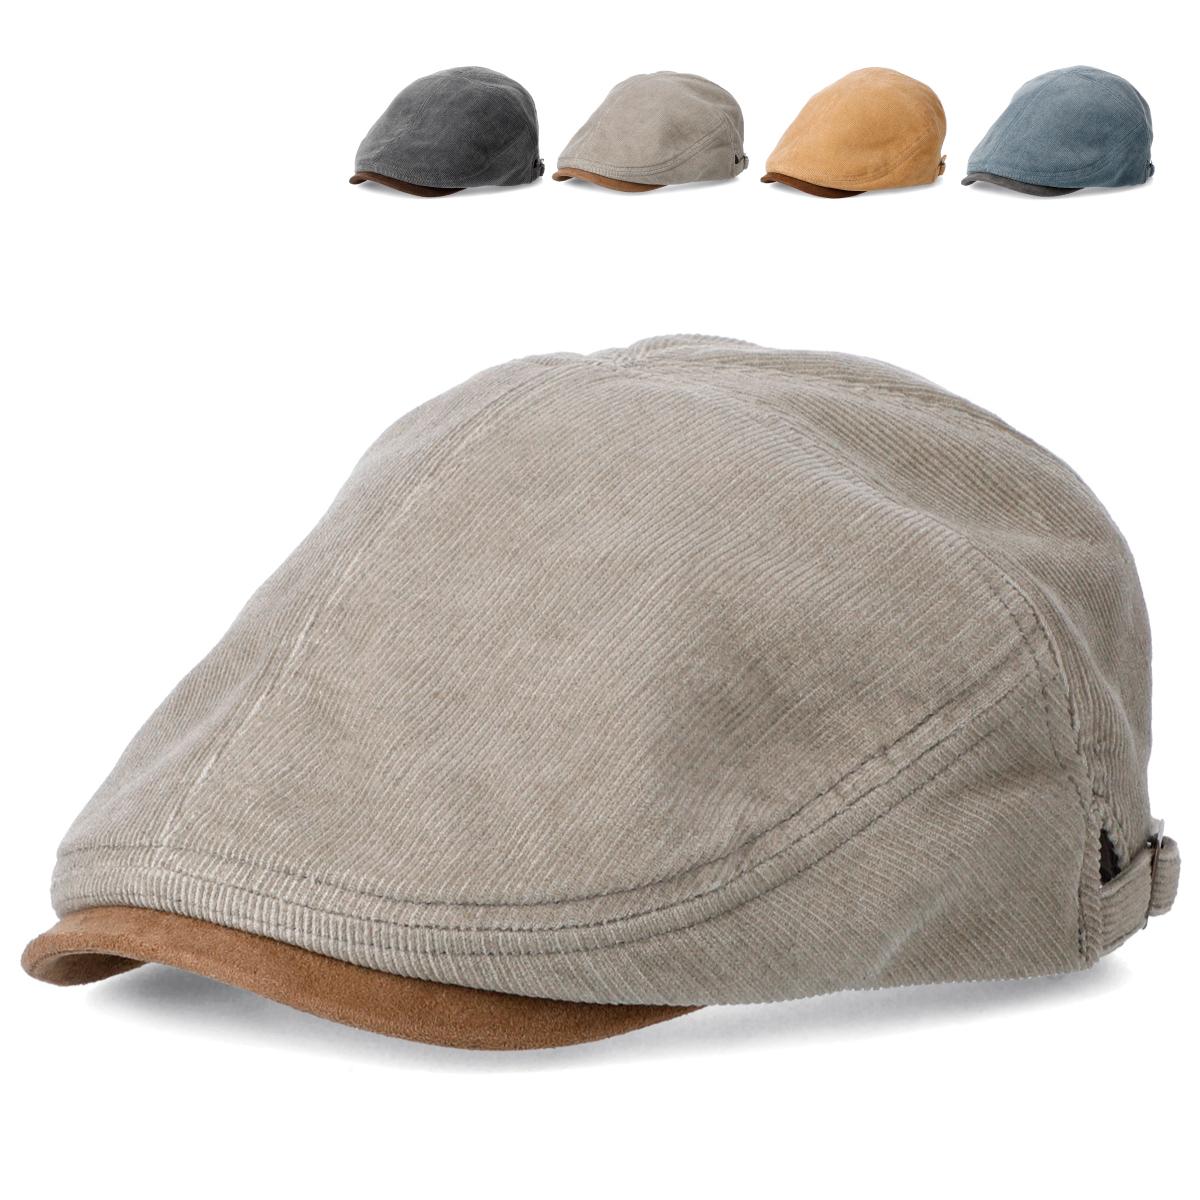 開店祝い USED見えする色合いの加工をしたコーデュロイ素材にフェイクスエードのツバでヴィンテージ風に仕上げたハンチング 帽子 ハンチング ビンテージ ゴルフ ベーシックエンチ Pigment Corduroy Hunting ピグメント コーデュロイ ヴィンテージ 安心の定価販売 全4色 キャップ フェイクスウェード bch-s01571 男女兼用 アイビー 鳥打帽 レディース メンズ